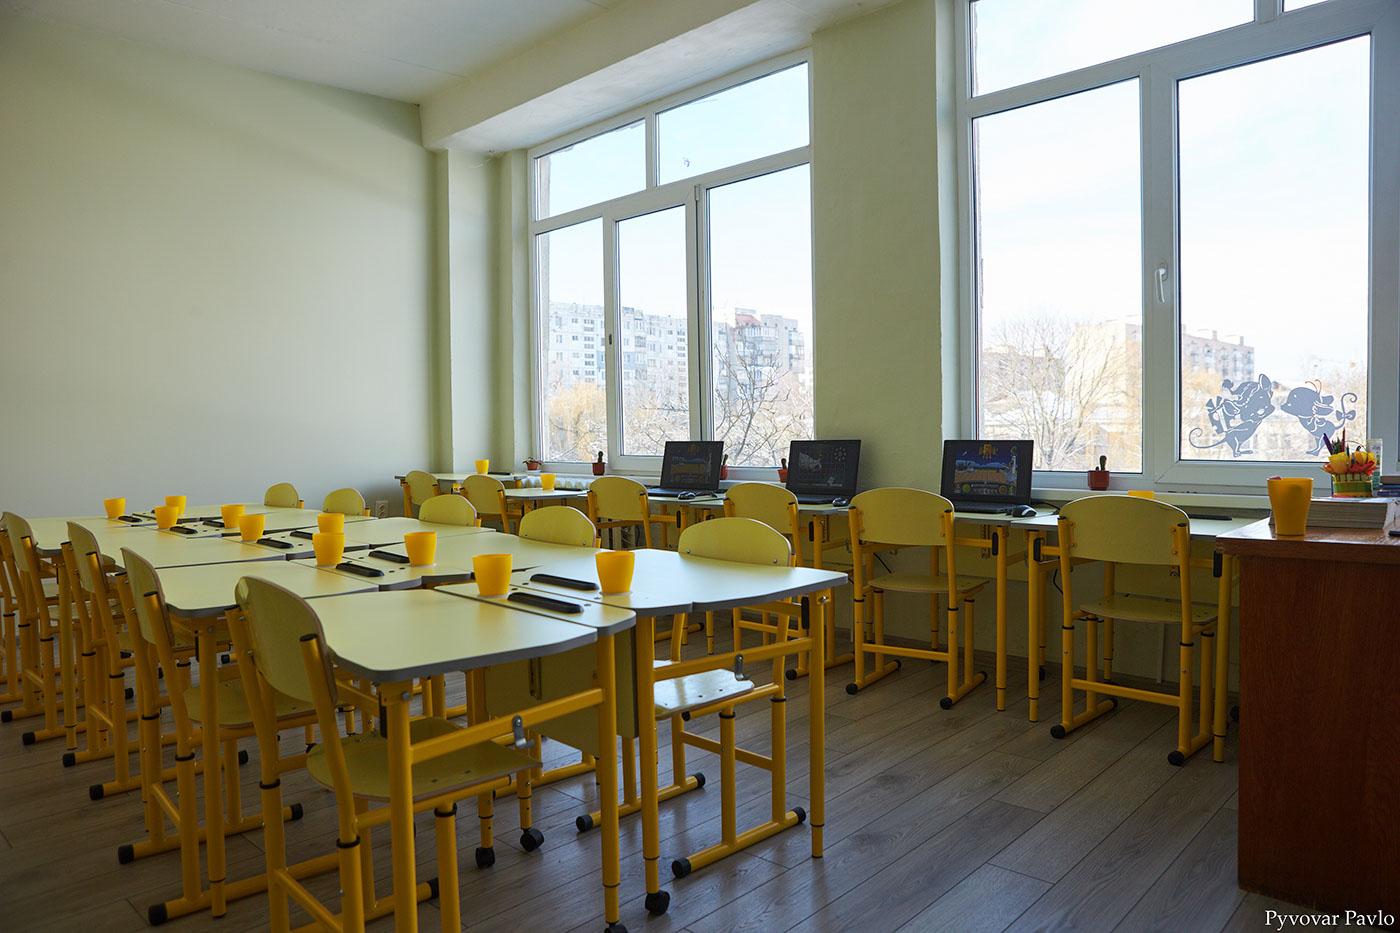 Нові вікна, вбиральні, класи: одну з найбільших шкіл міста відремонтували (ФОТО)